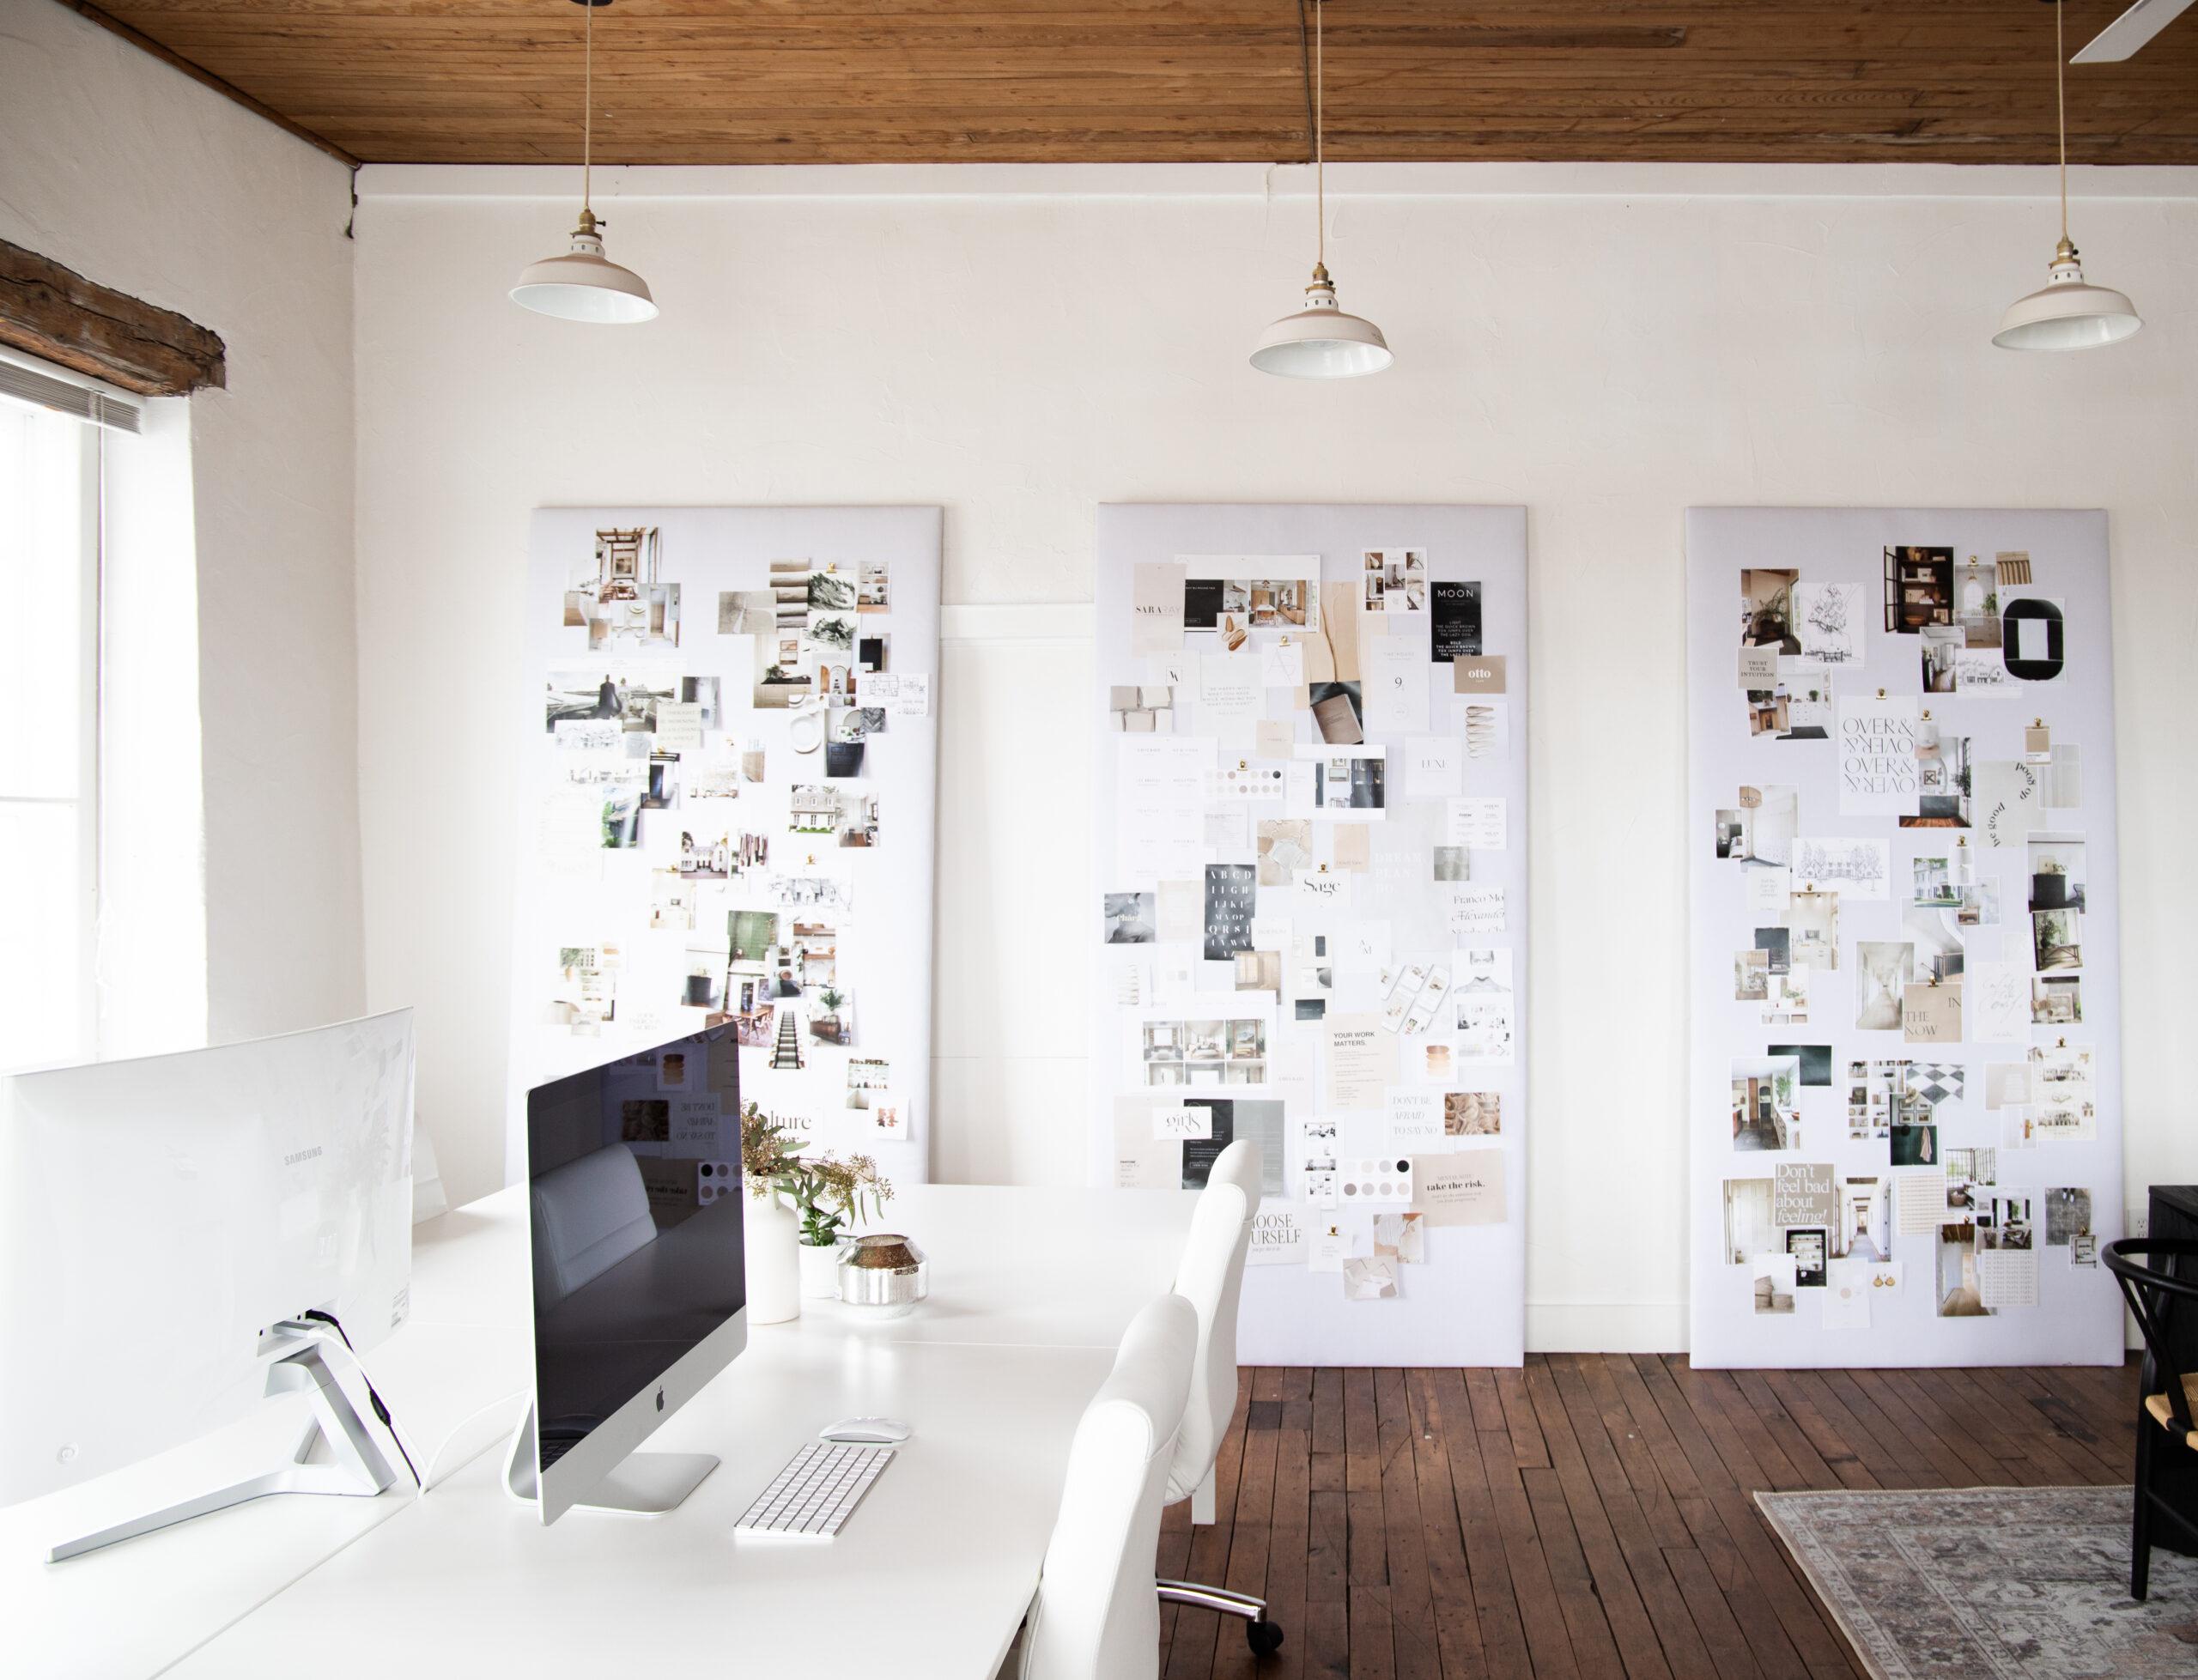 visual boards